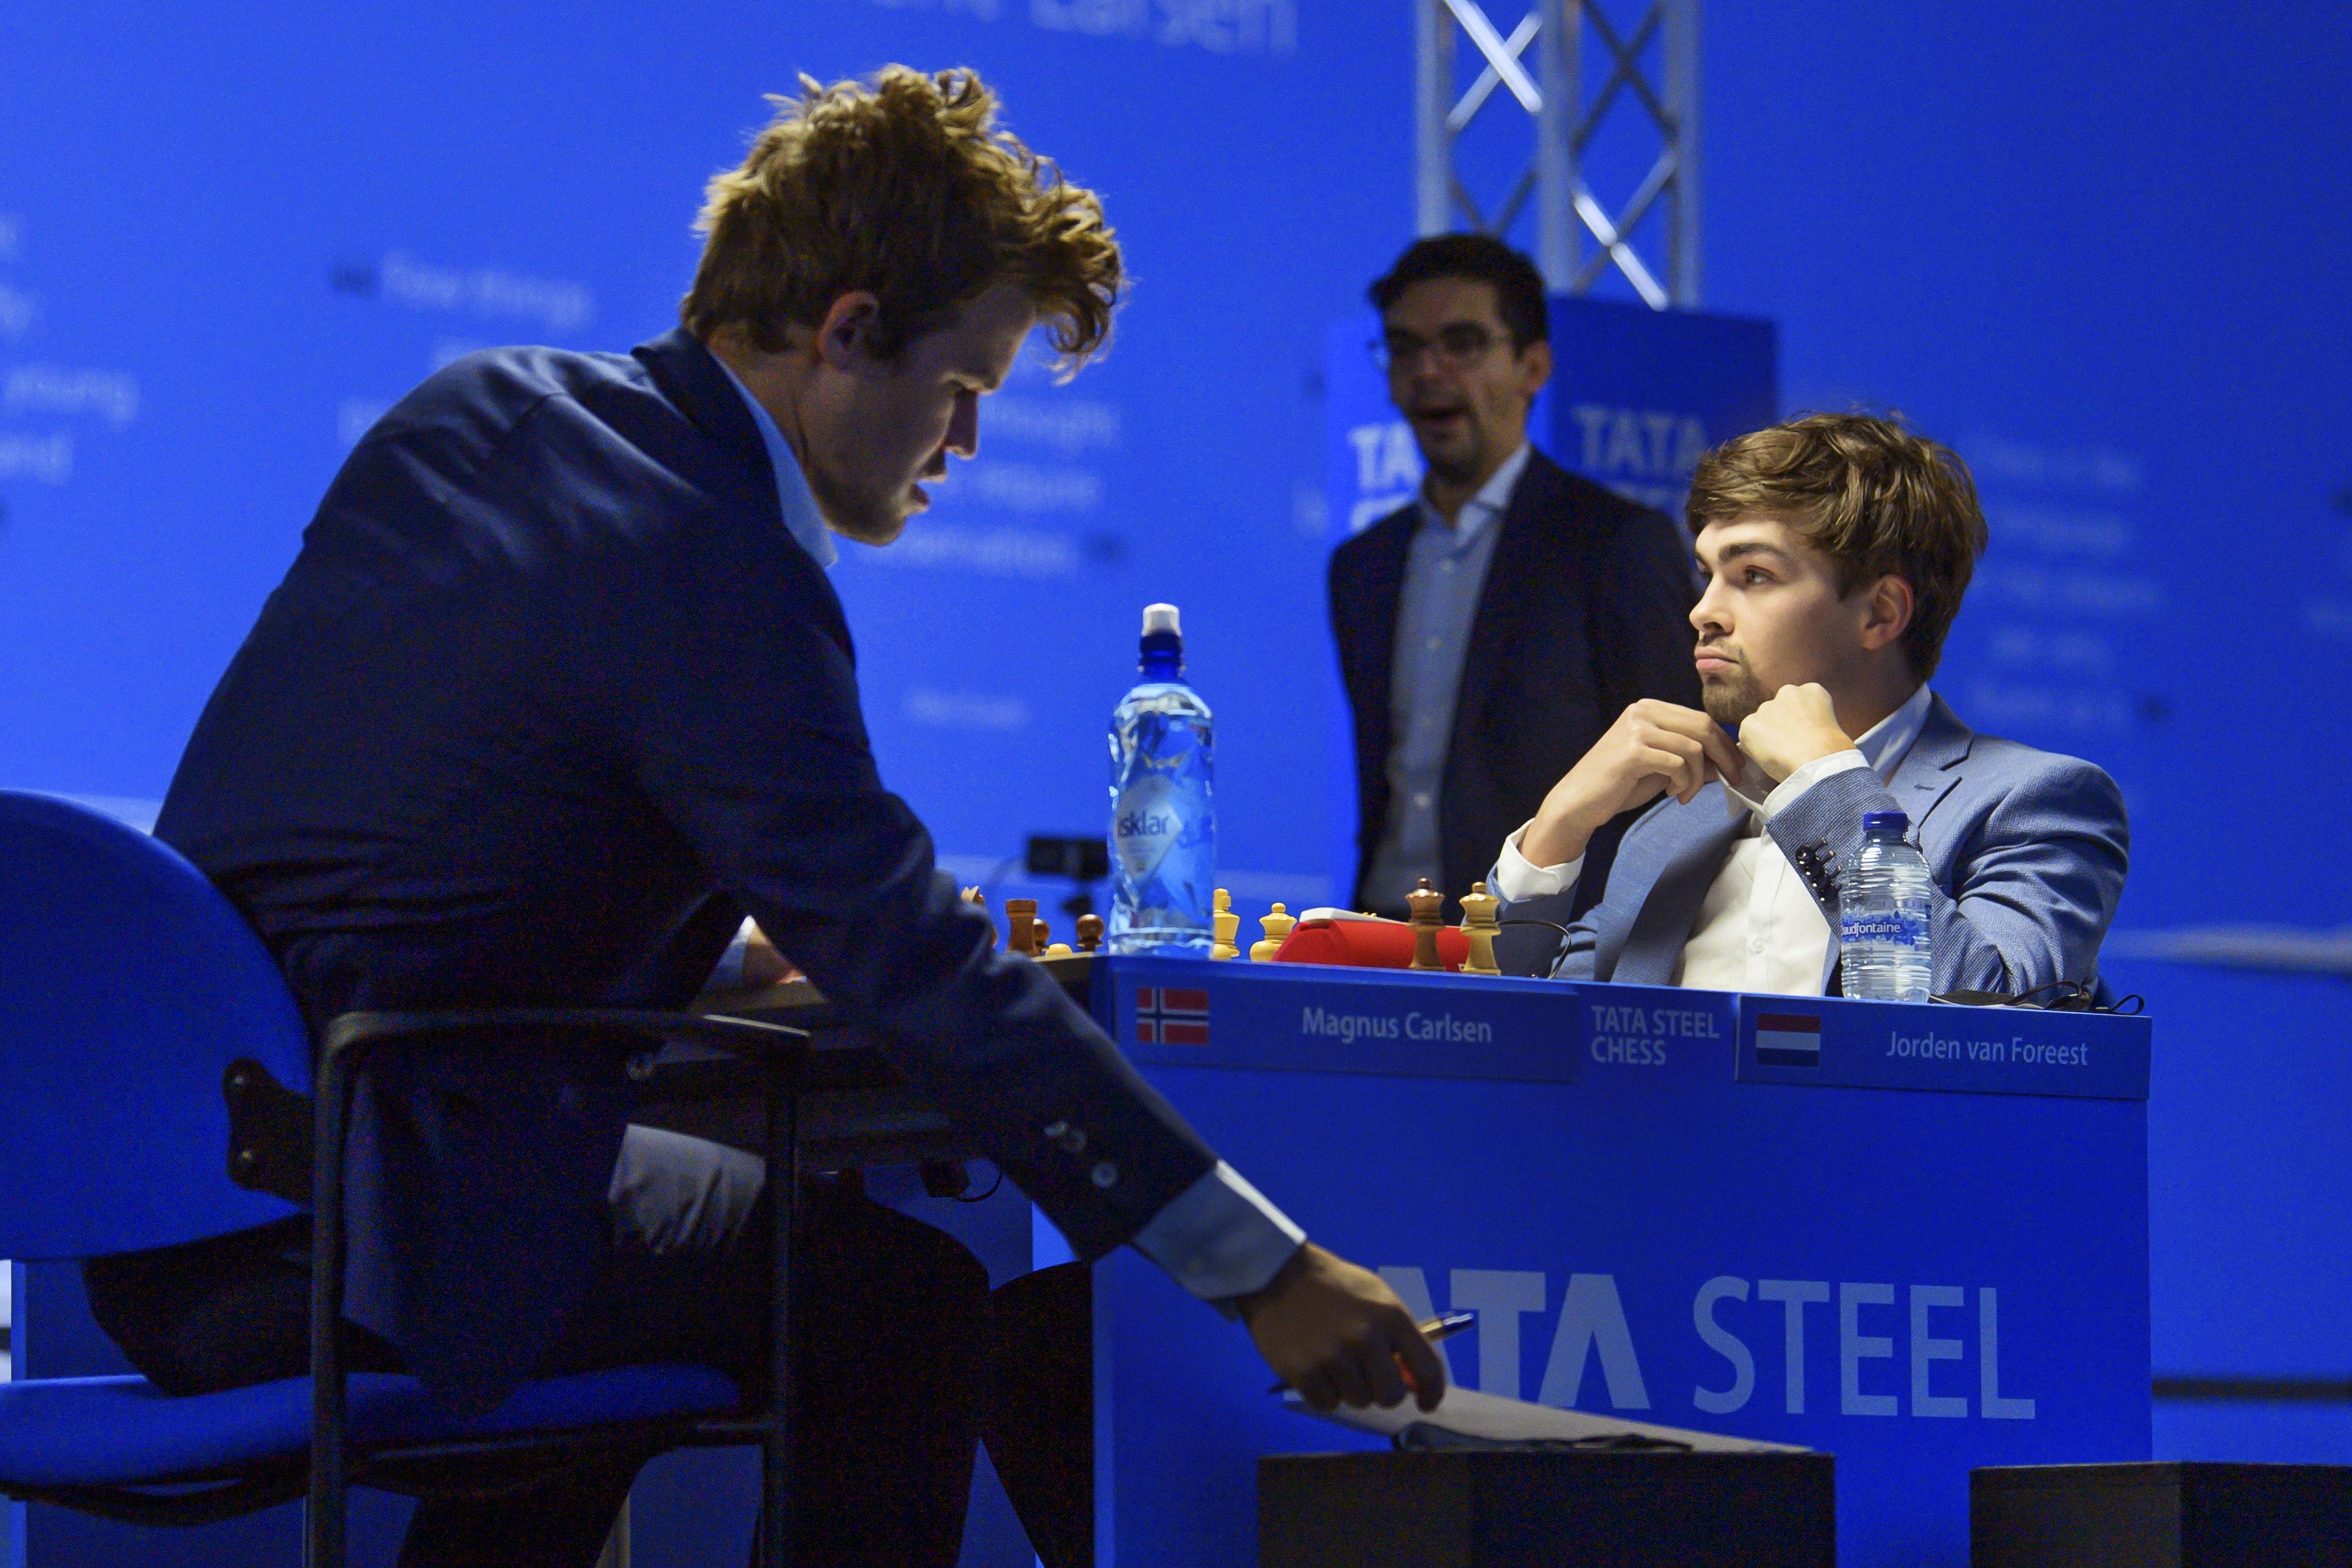 Van Foreest speelt remise tegen wereldkampioen Carlsen; alweer de vierde puntdeling voor de 21-jarige schaker in evenzoveel rondes bij Tata Steel Chess